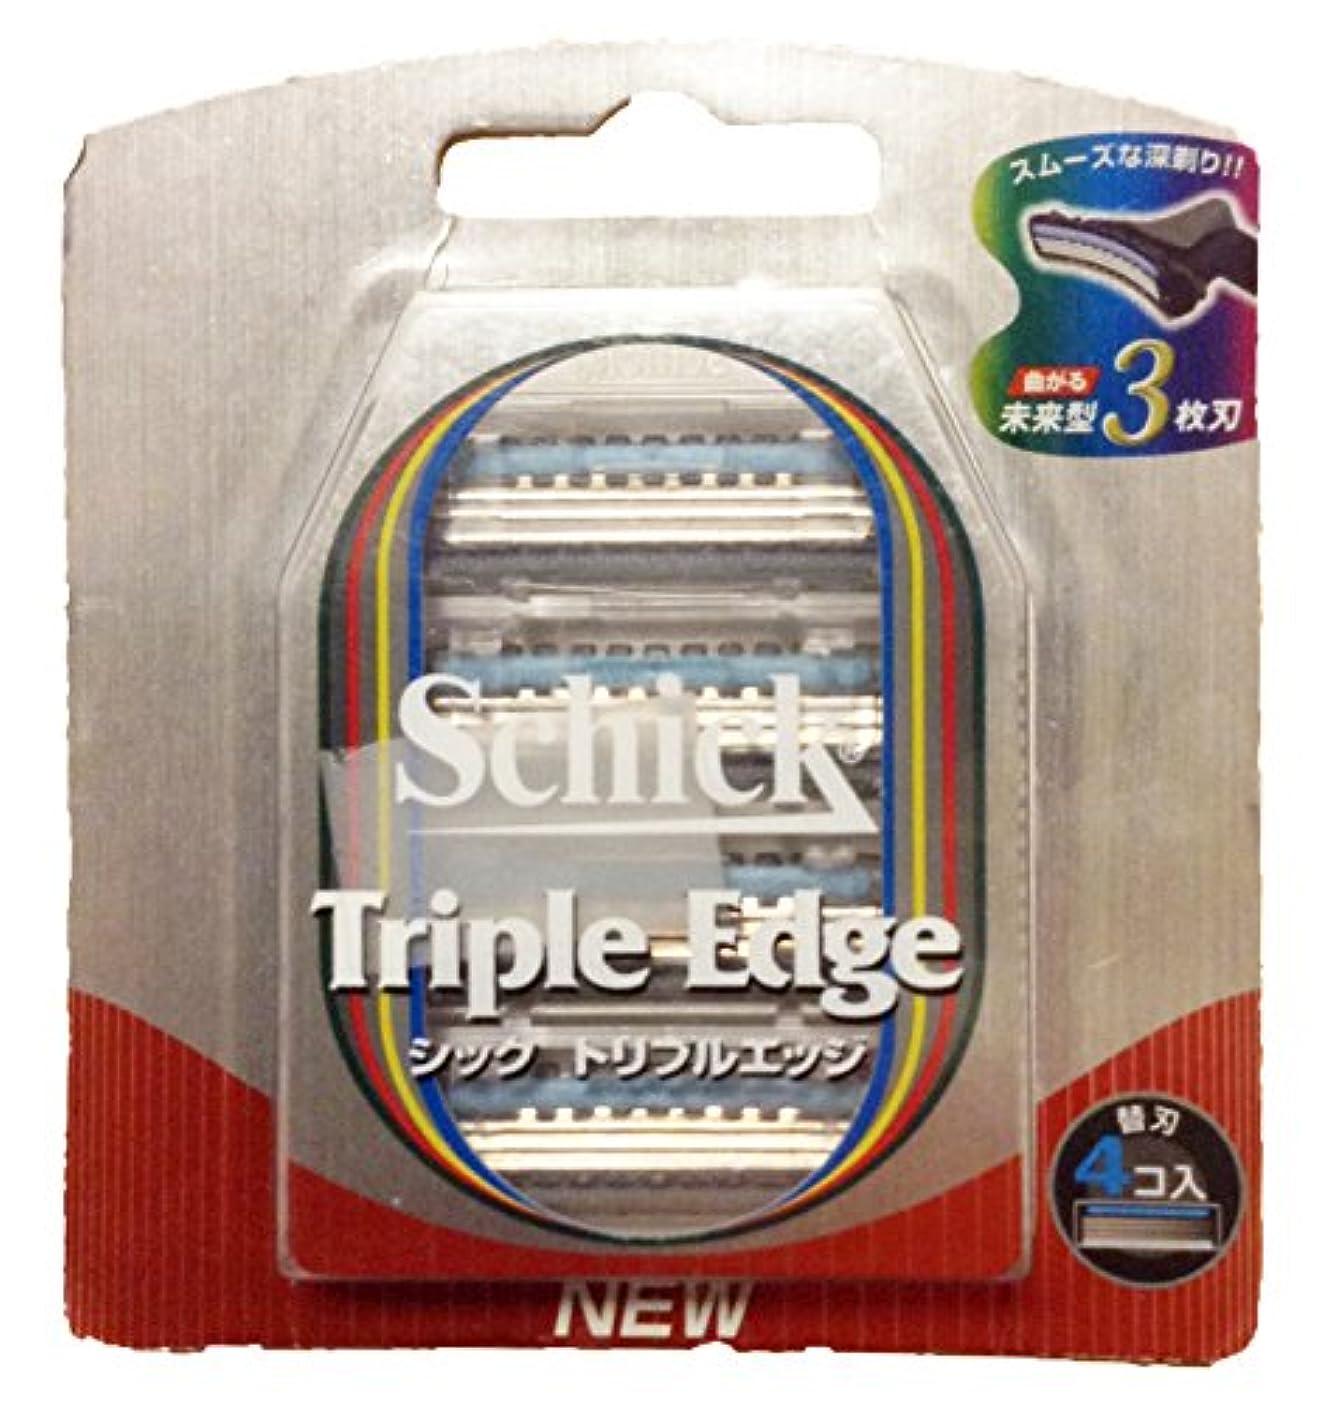 くすぐったいこれらシンカンシック トリプルエッジ替刃 4コ入り